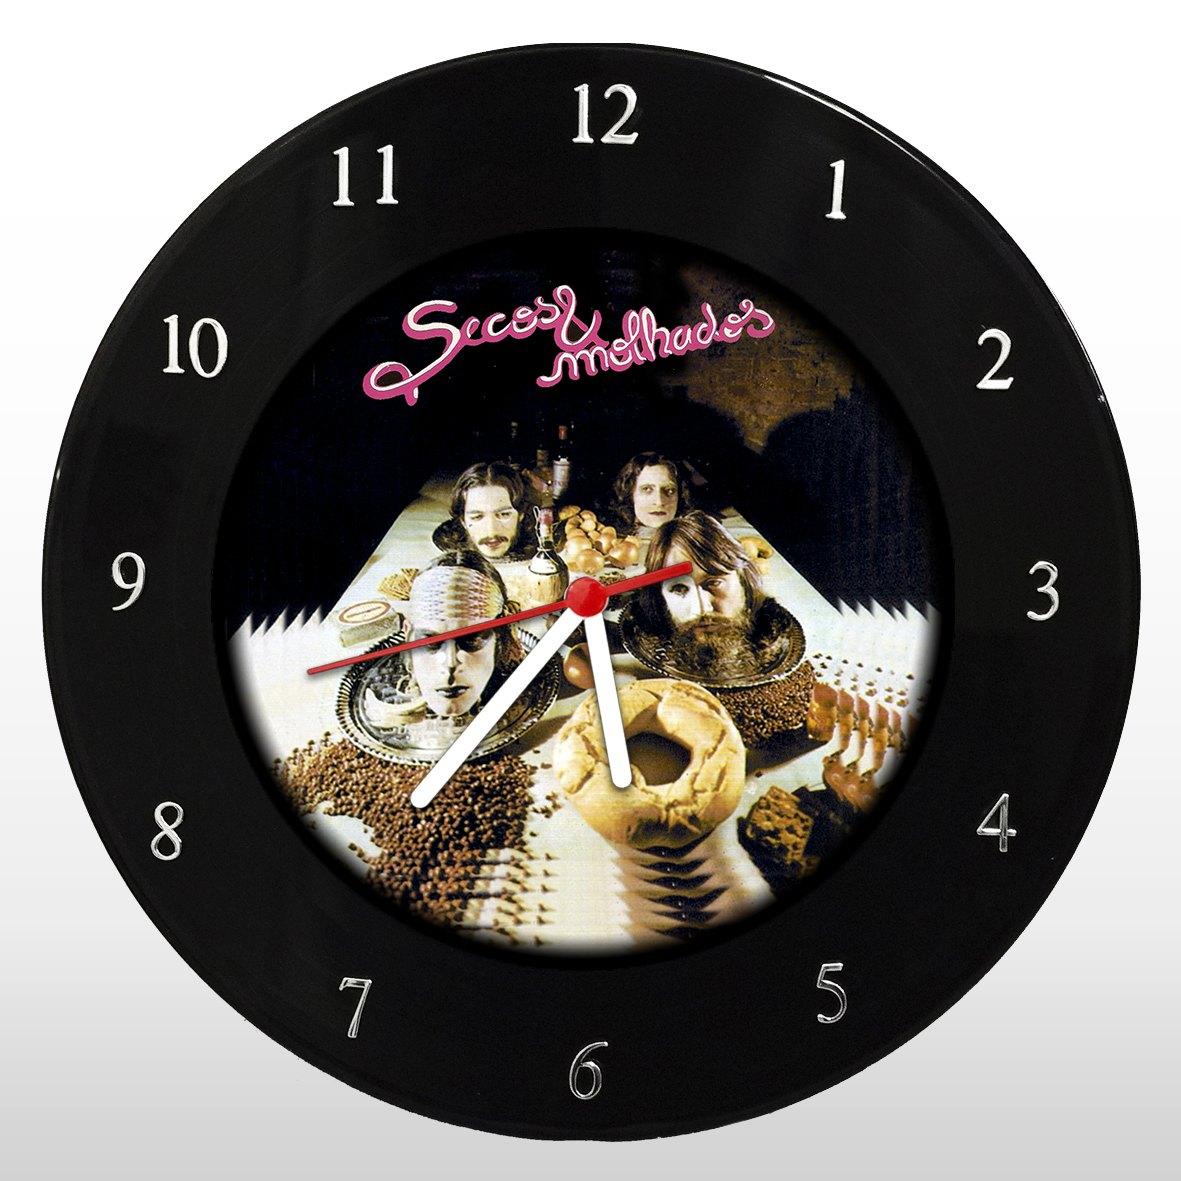 Relógio de Parede em Disco de Vinil Mr. Rock Secos e Molhados